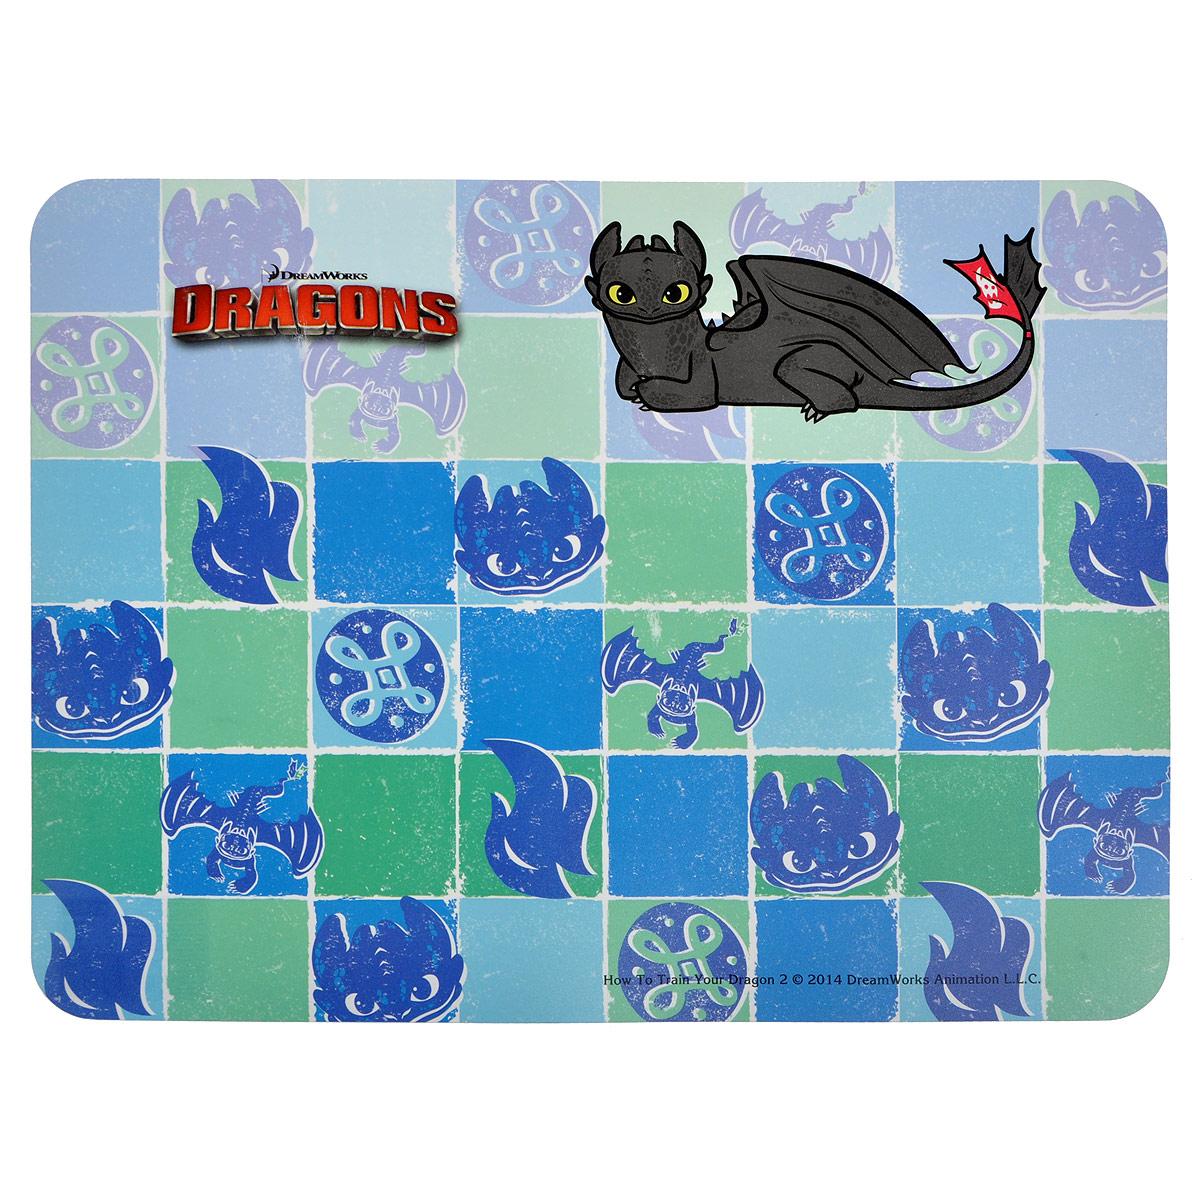 Настольная подкладка для лепки Action! Dragons, 43 см х 32 см23С 1483-08Настольная подкладка Action! Dragons не только обеспечит комфортную работу во время лепки, но и предохранит поверхность рабочего стола от загрязнений и различных повреждений.Она выполнена из плотного пластика и оформлена изображением дракончика. Яркий дизайн подкладки непременно понравится вашему ребенку.